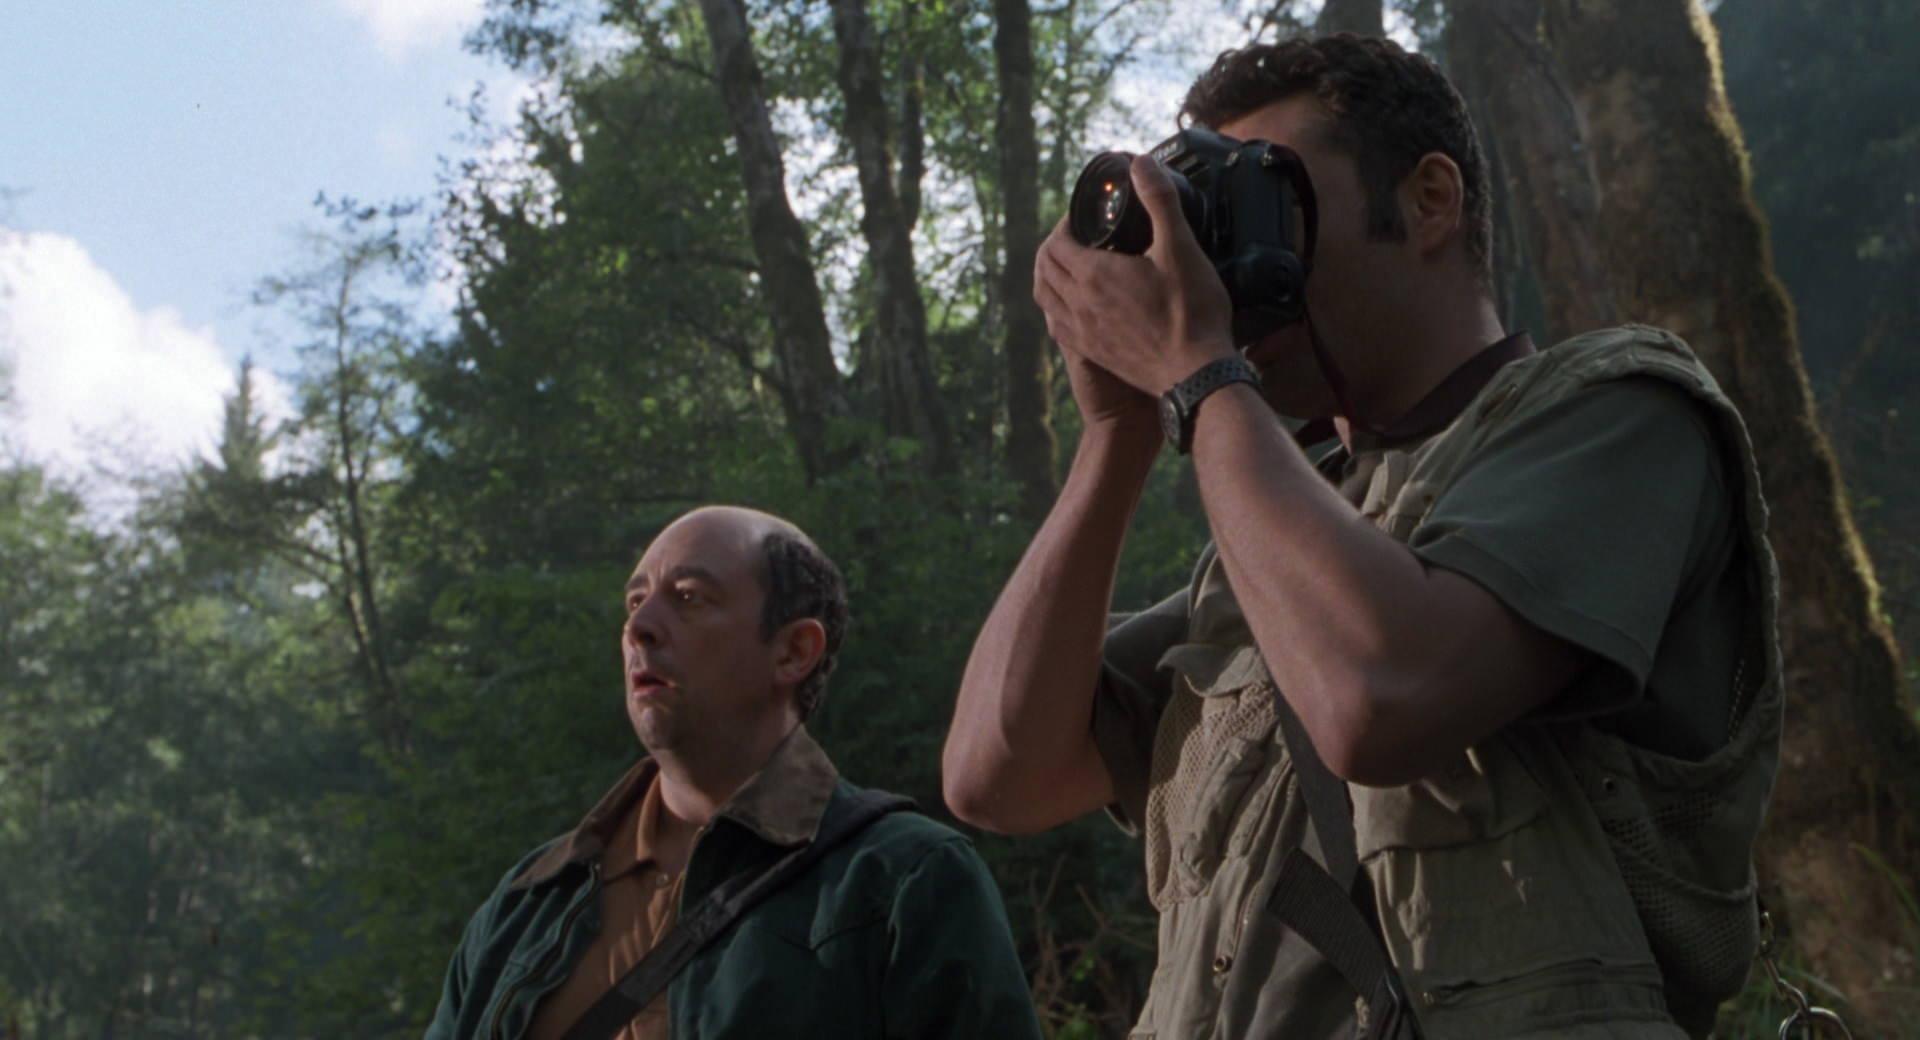 The Lost World Jurassic Park Screencaps are here Jurassic-lost-world-movie-screencaps.com-2682